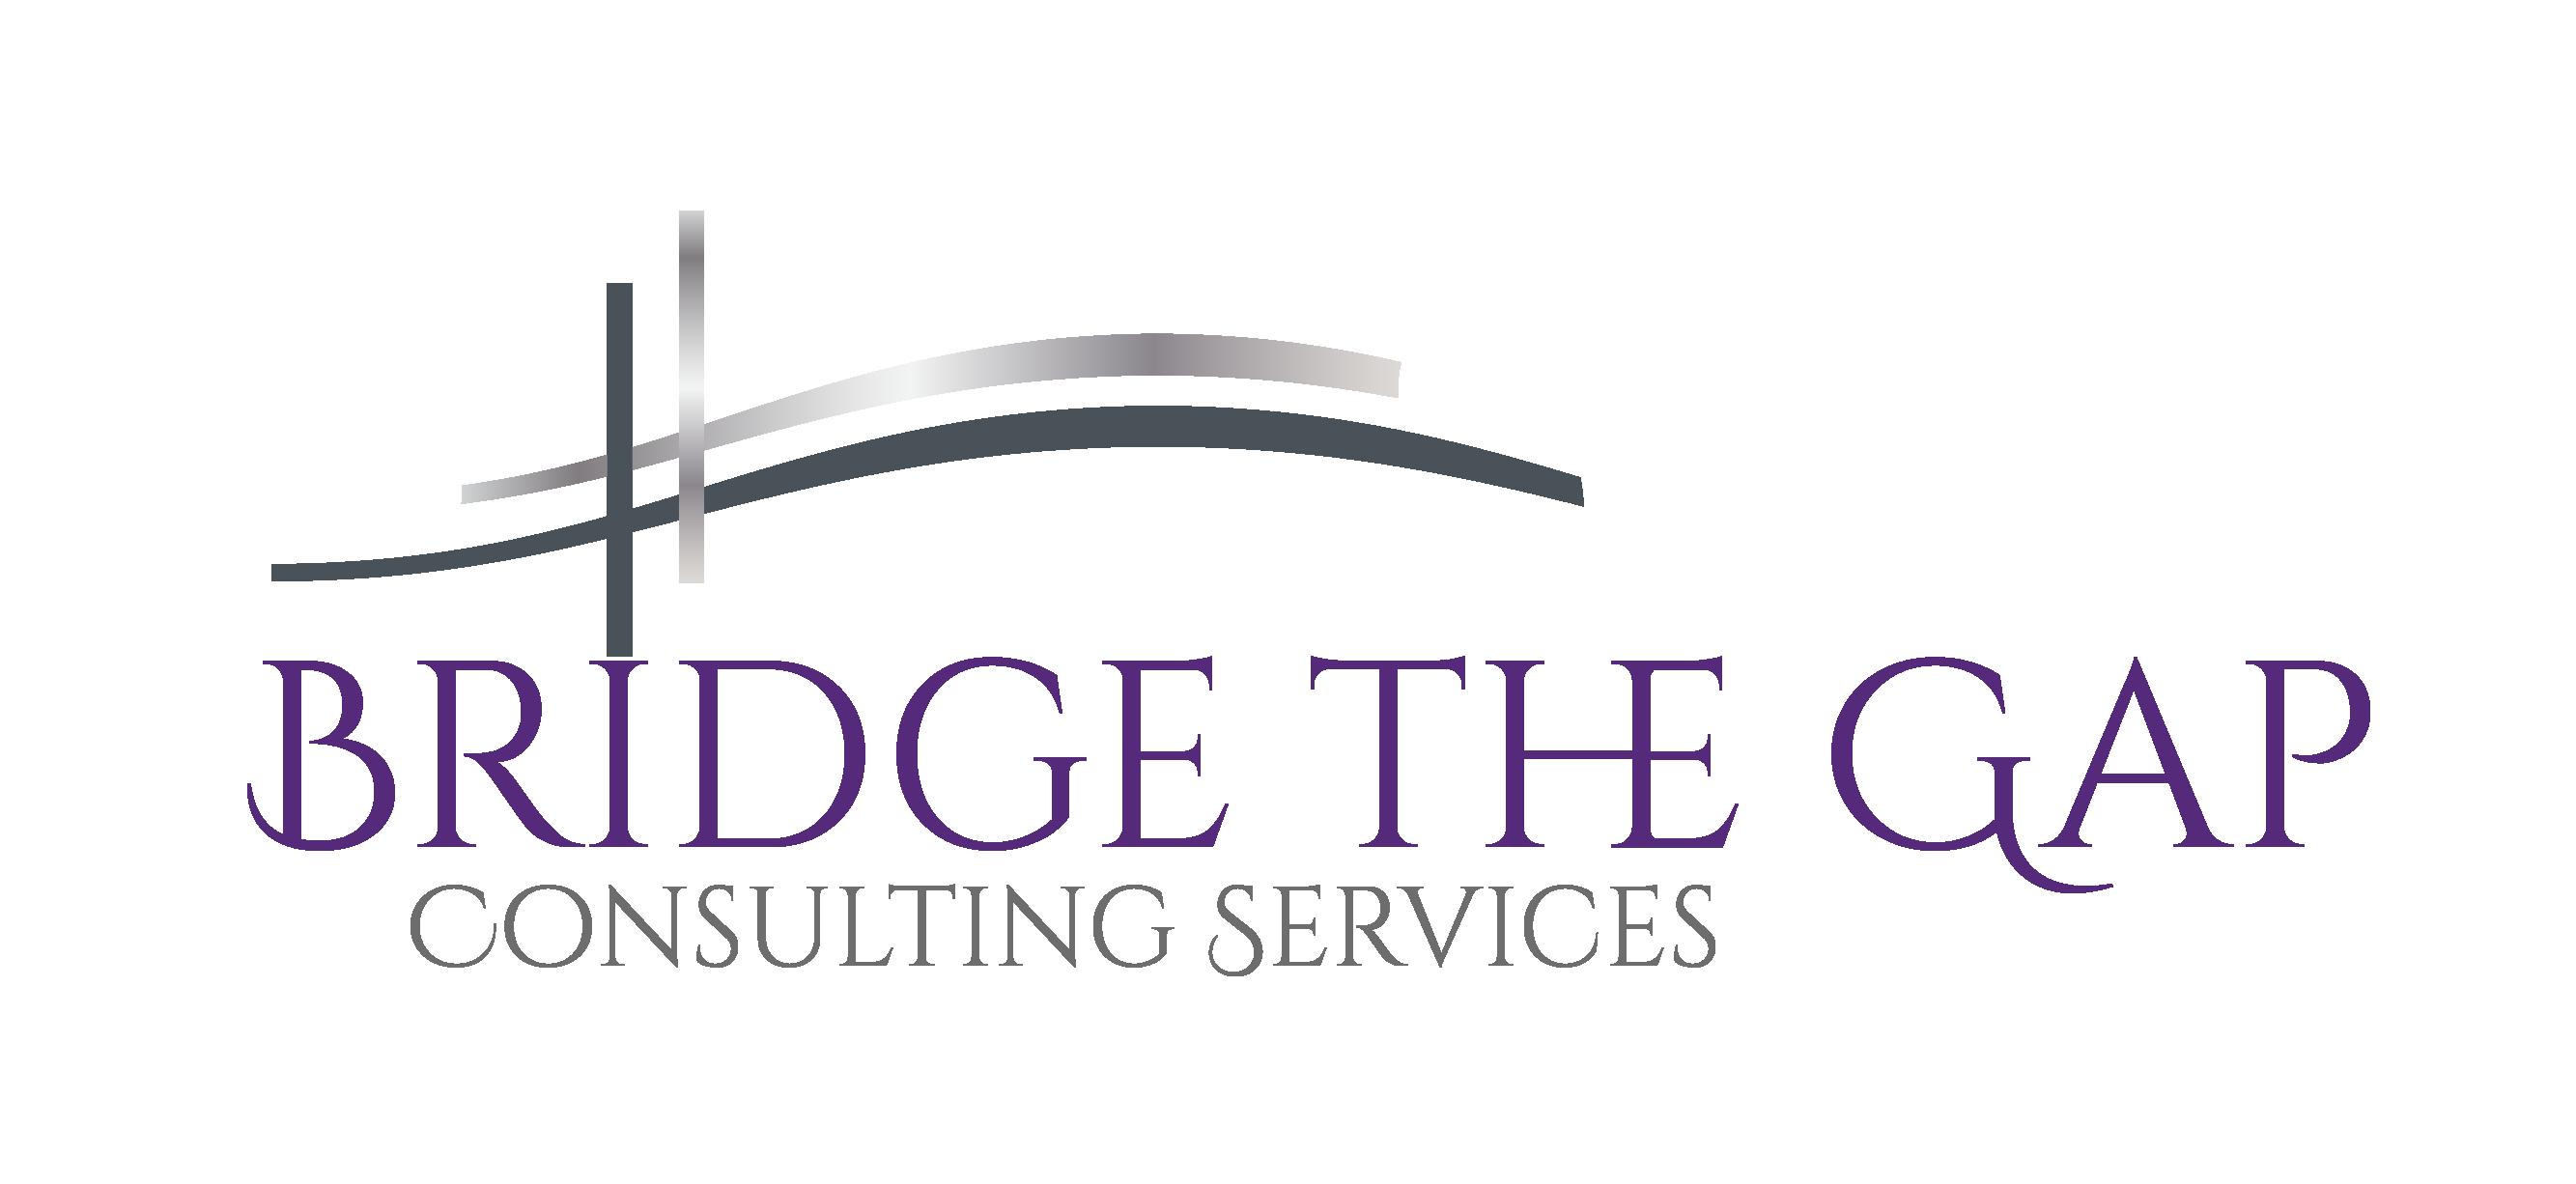 Bridge The Gap consulting services